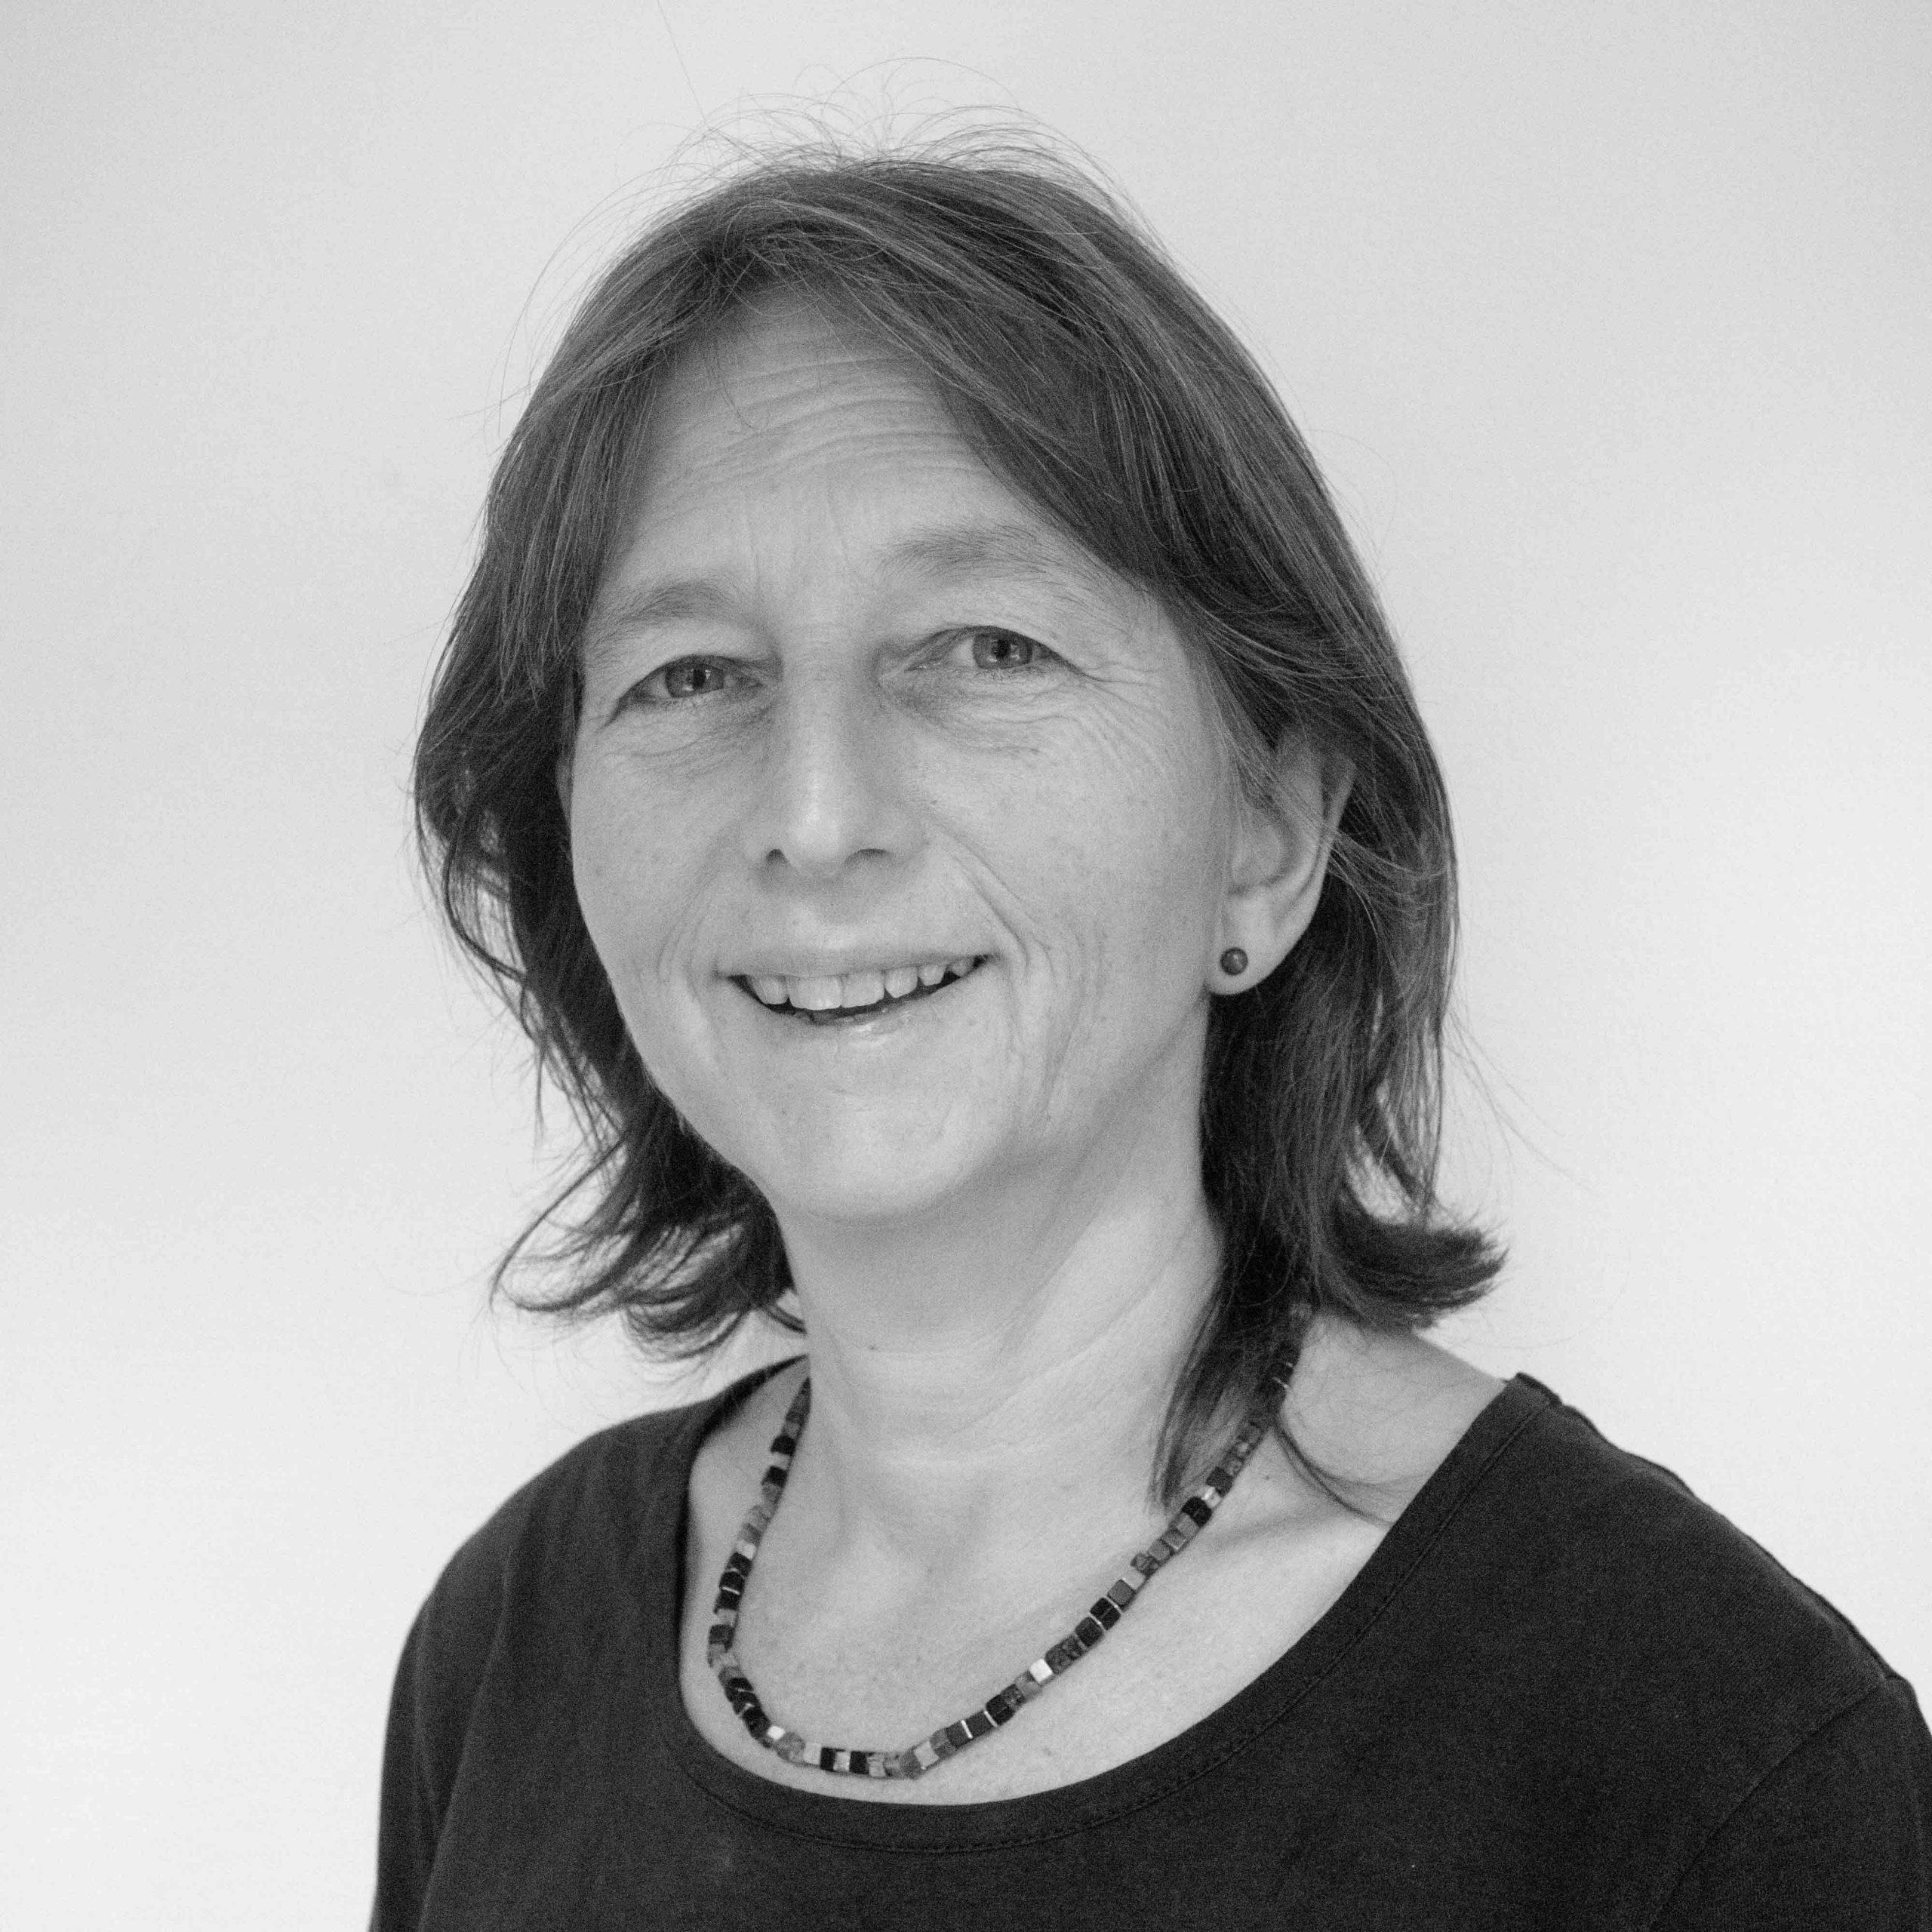 Kerstin Minkwitz